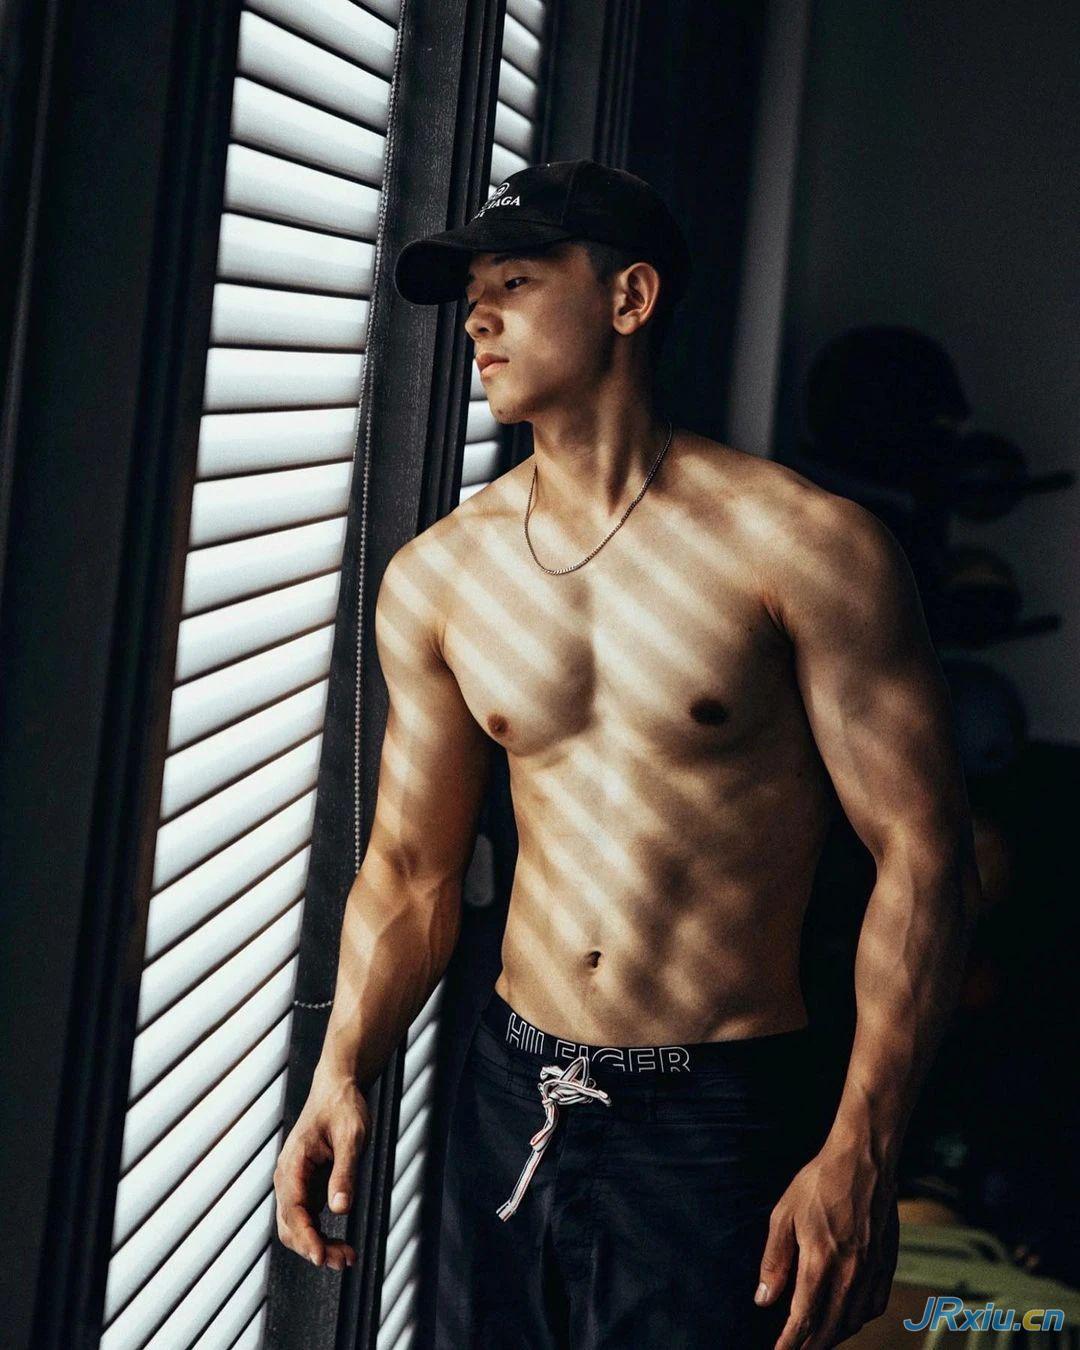 因太帅被抓拍的修车肌肉小哥,这身材更绝了!